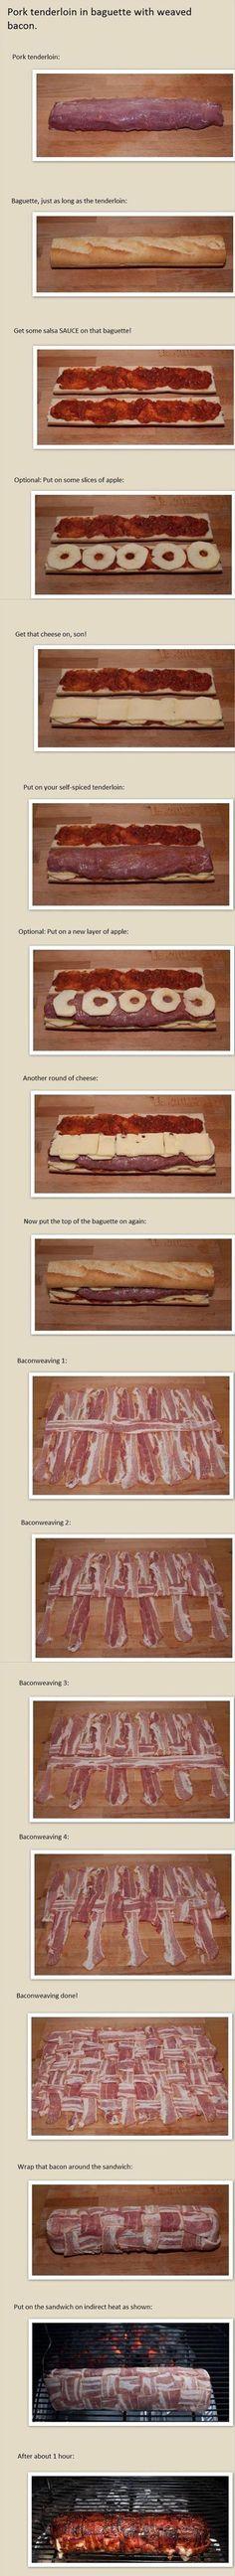 Awesome Food Ideas - iDidAFunny